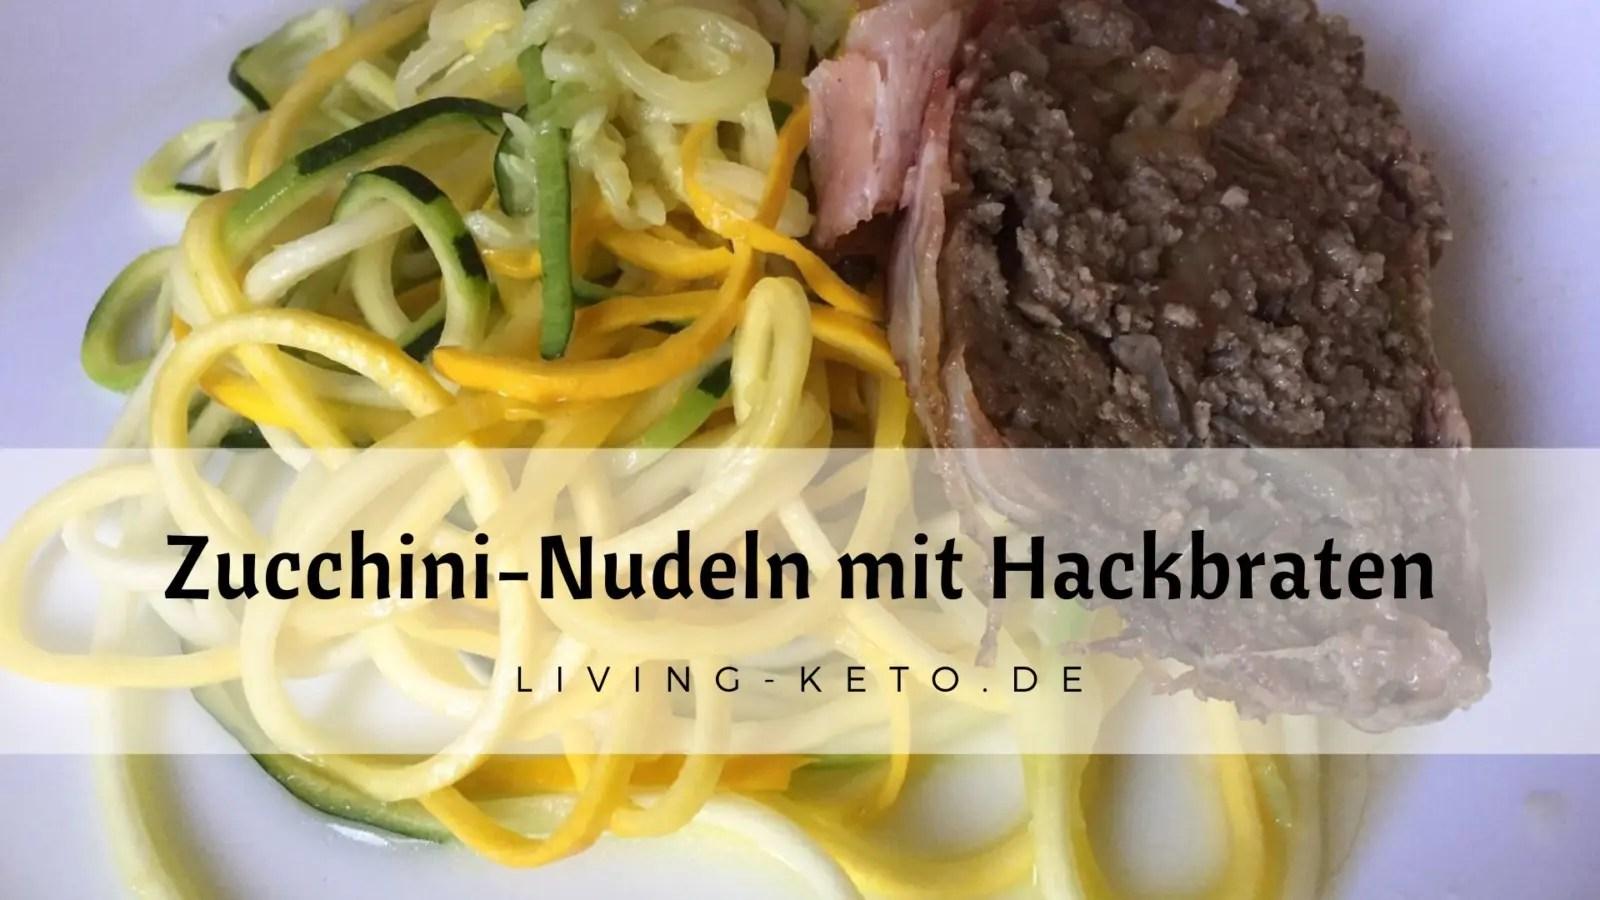 Zucchini-Nudeln mit Hackbraten ketogen